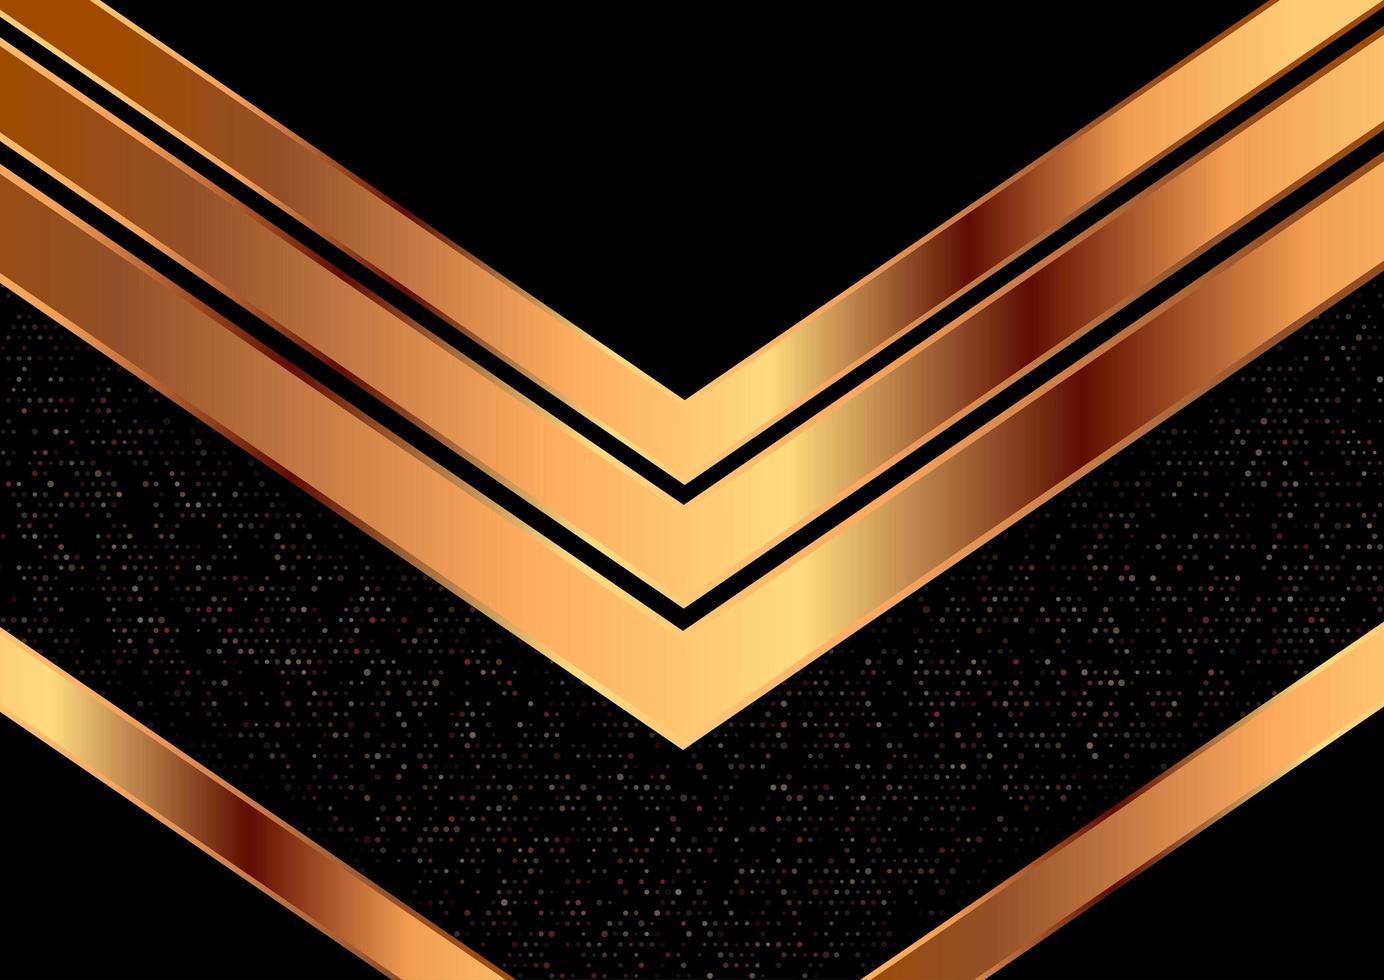 dekoratives goldenes Pfeilmetallic-Design vektor